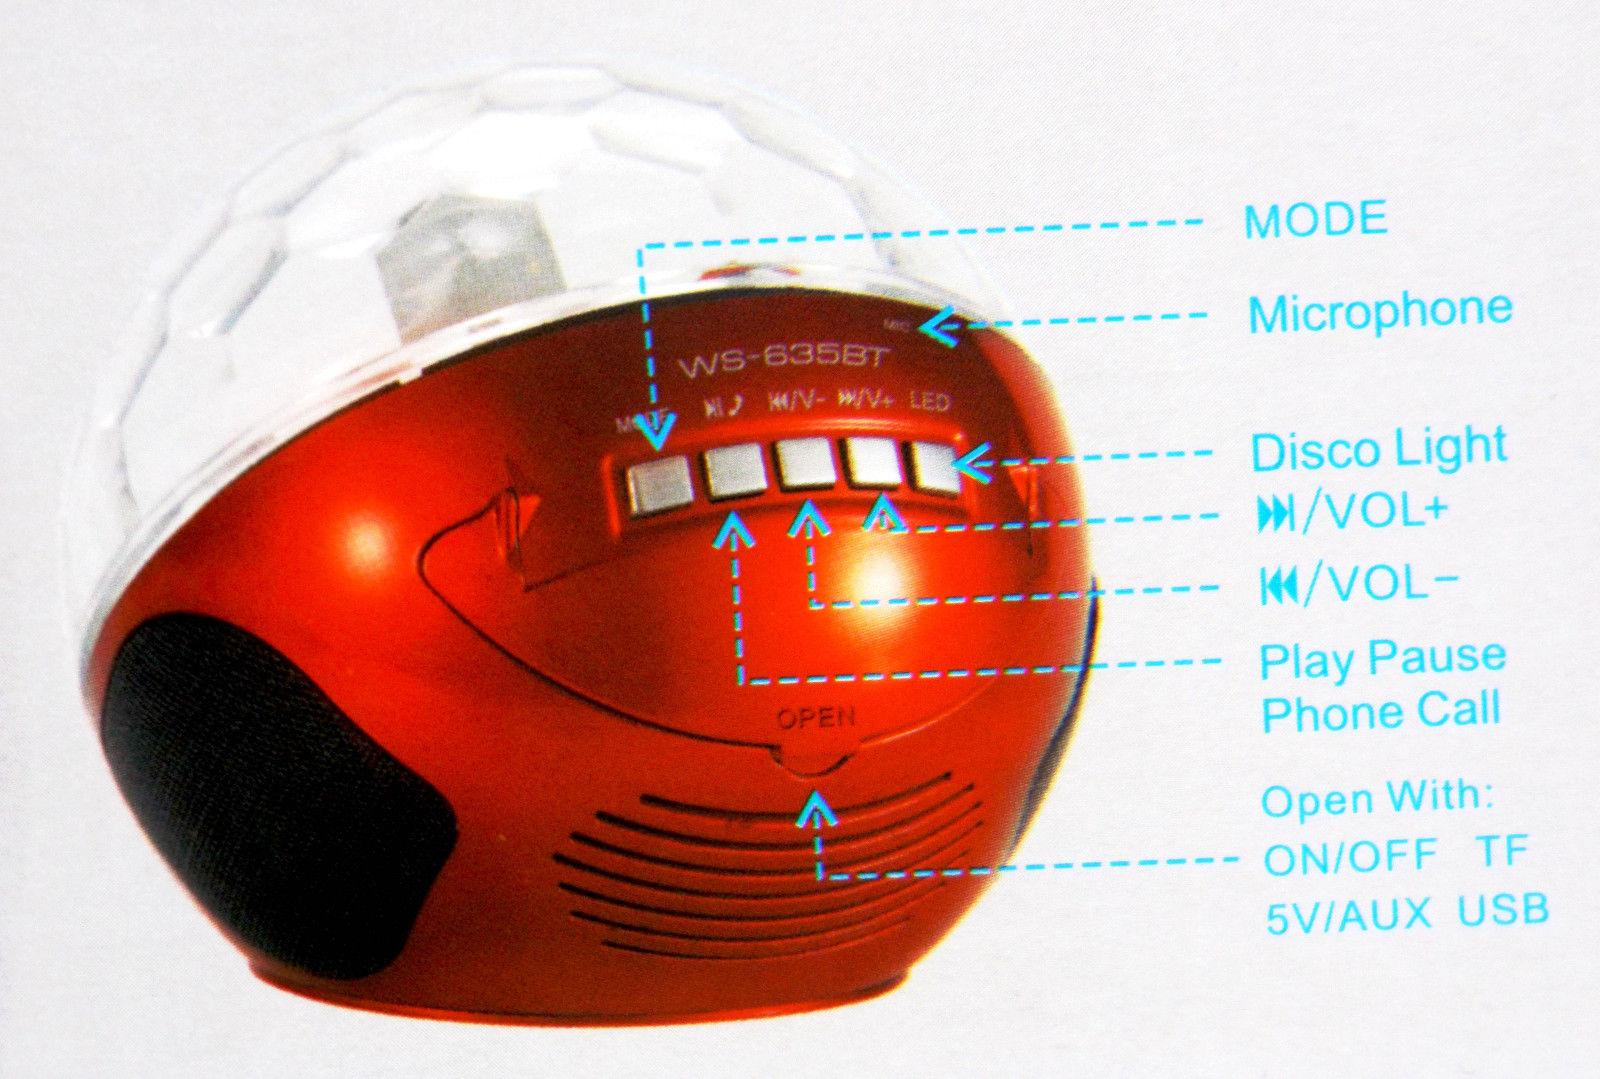 Λάμπα επαναφορτιζόμενη έγχρωμη Bluetooth και Mp3 Player μαύρη OEM WS-635BT